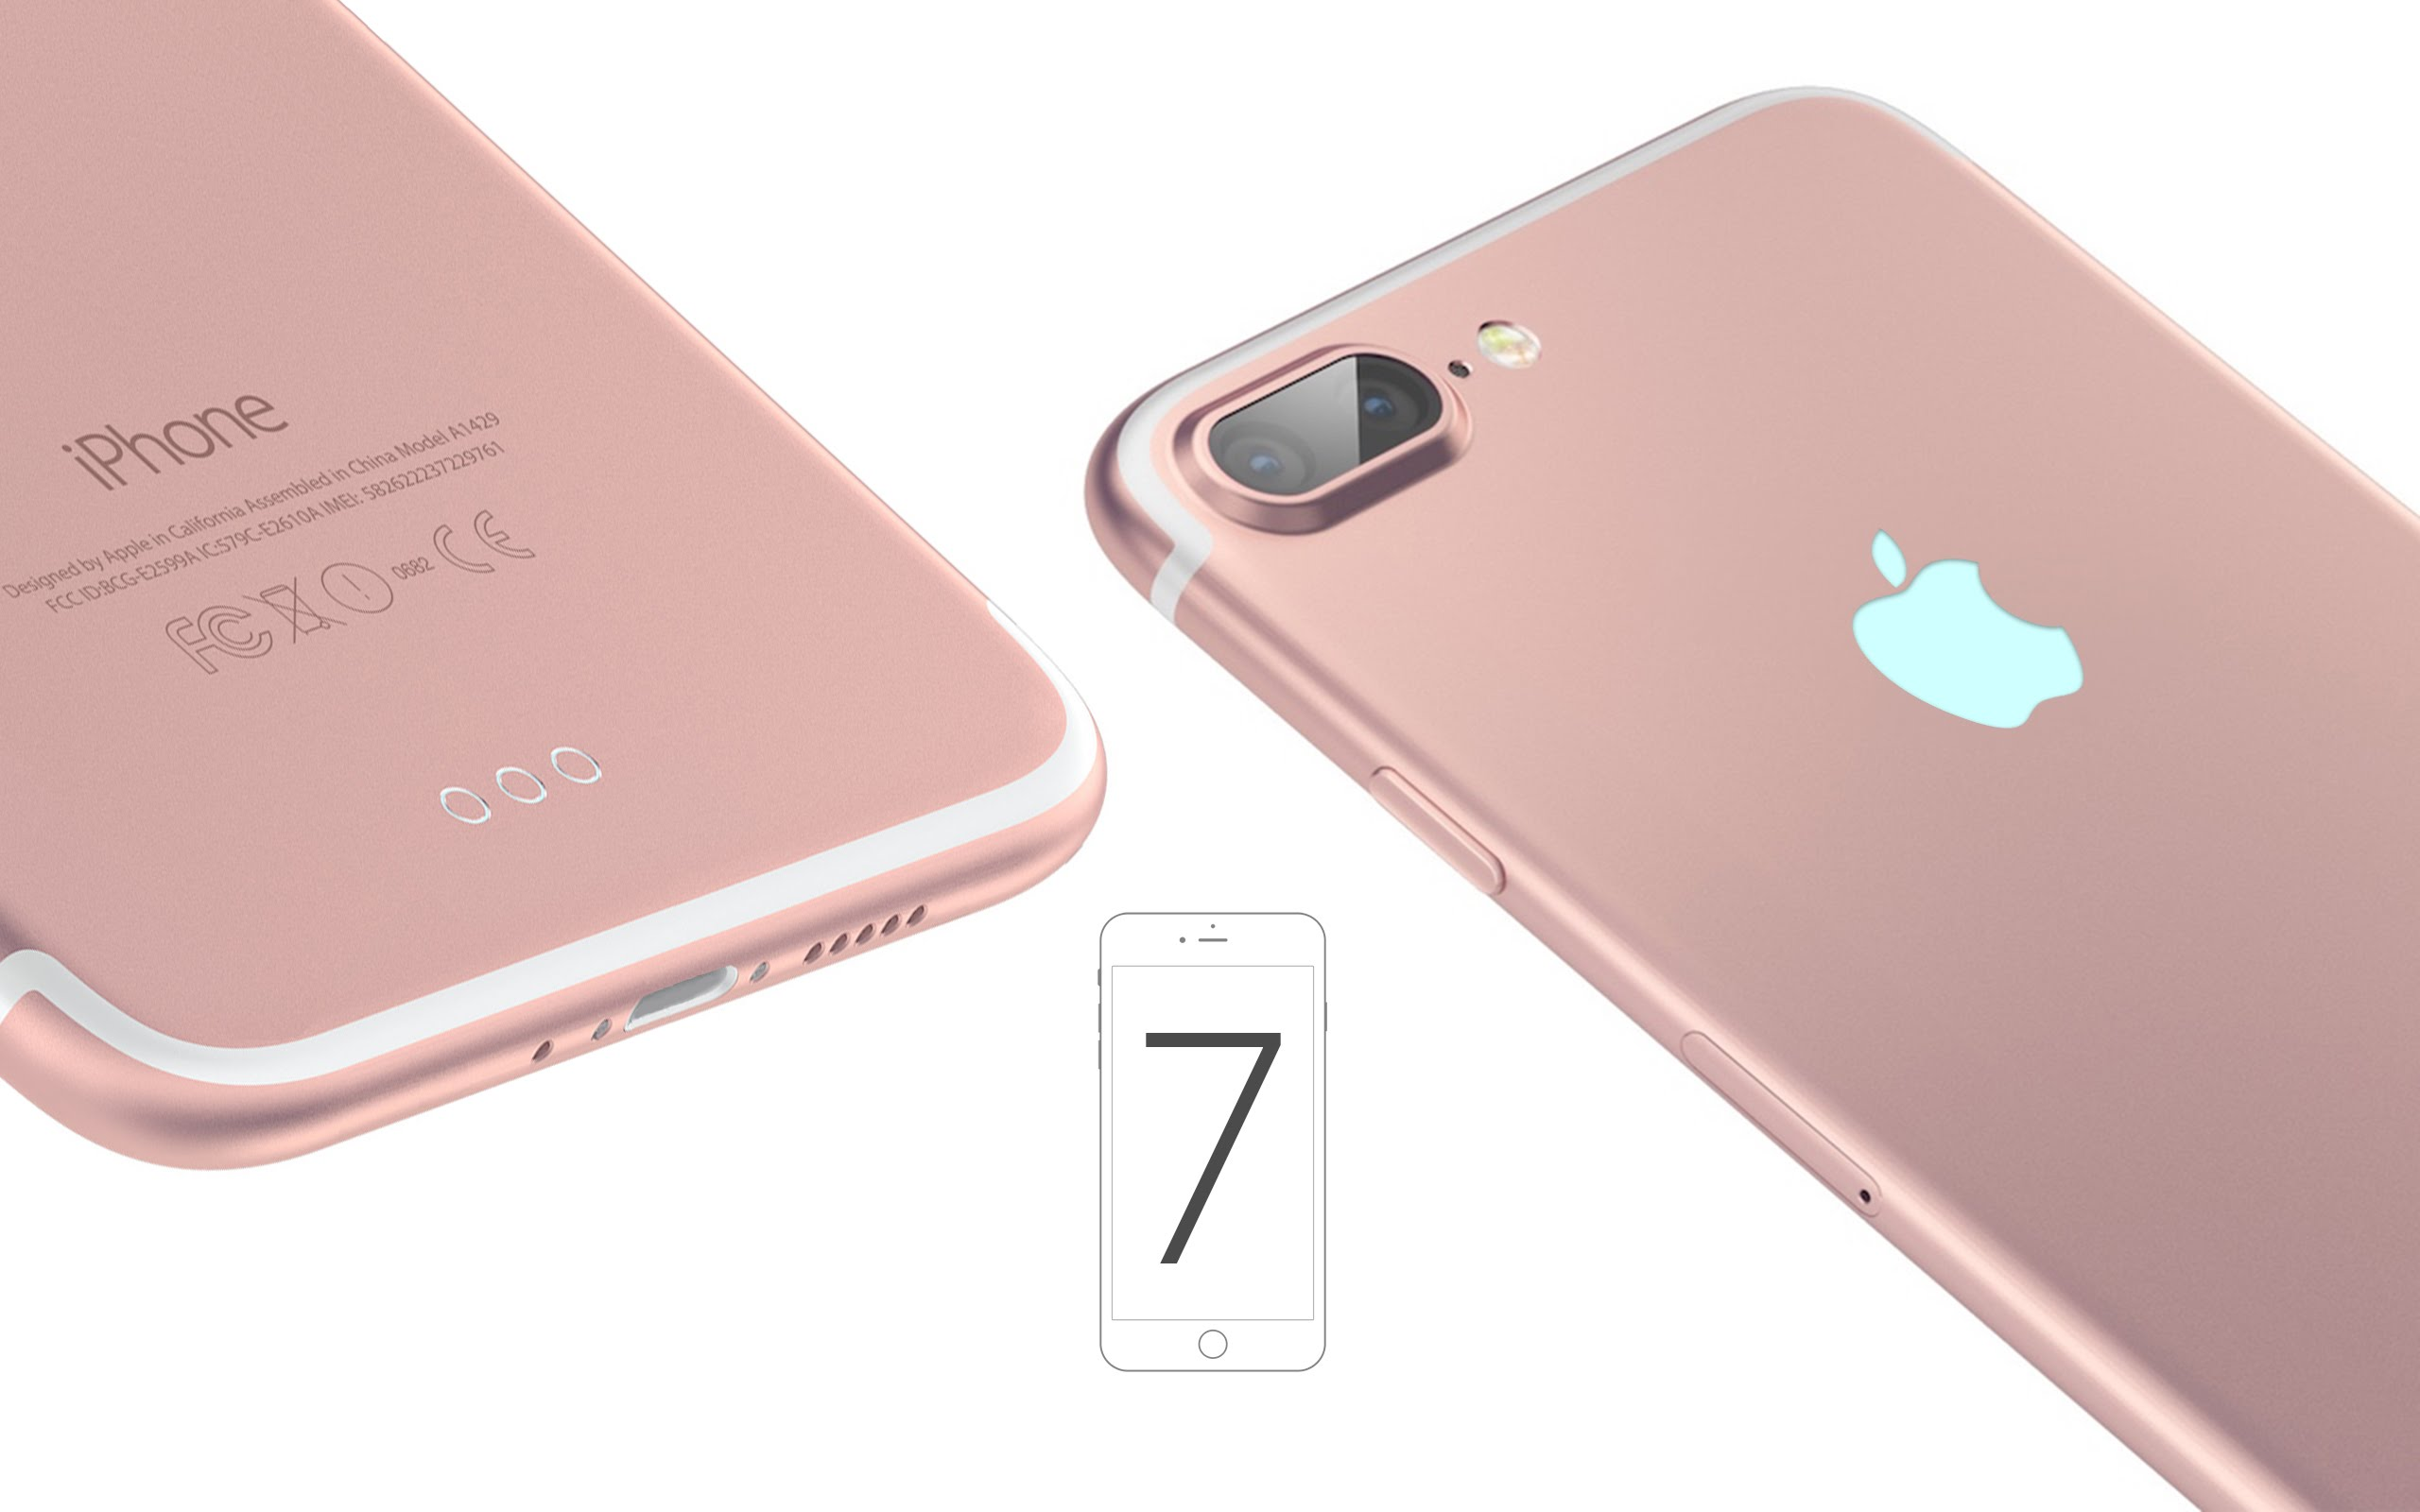 [Atualizado com link ao vivo do evento] Contagem regressiva para apresentação do iPhone 7 e 7 Plus